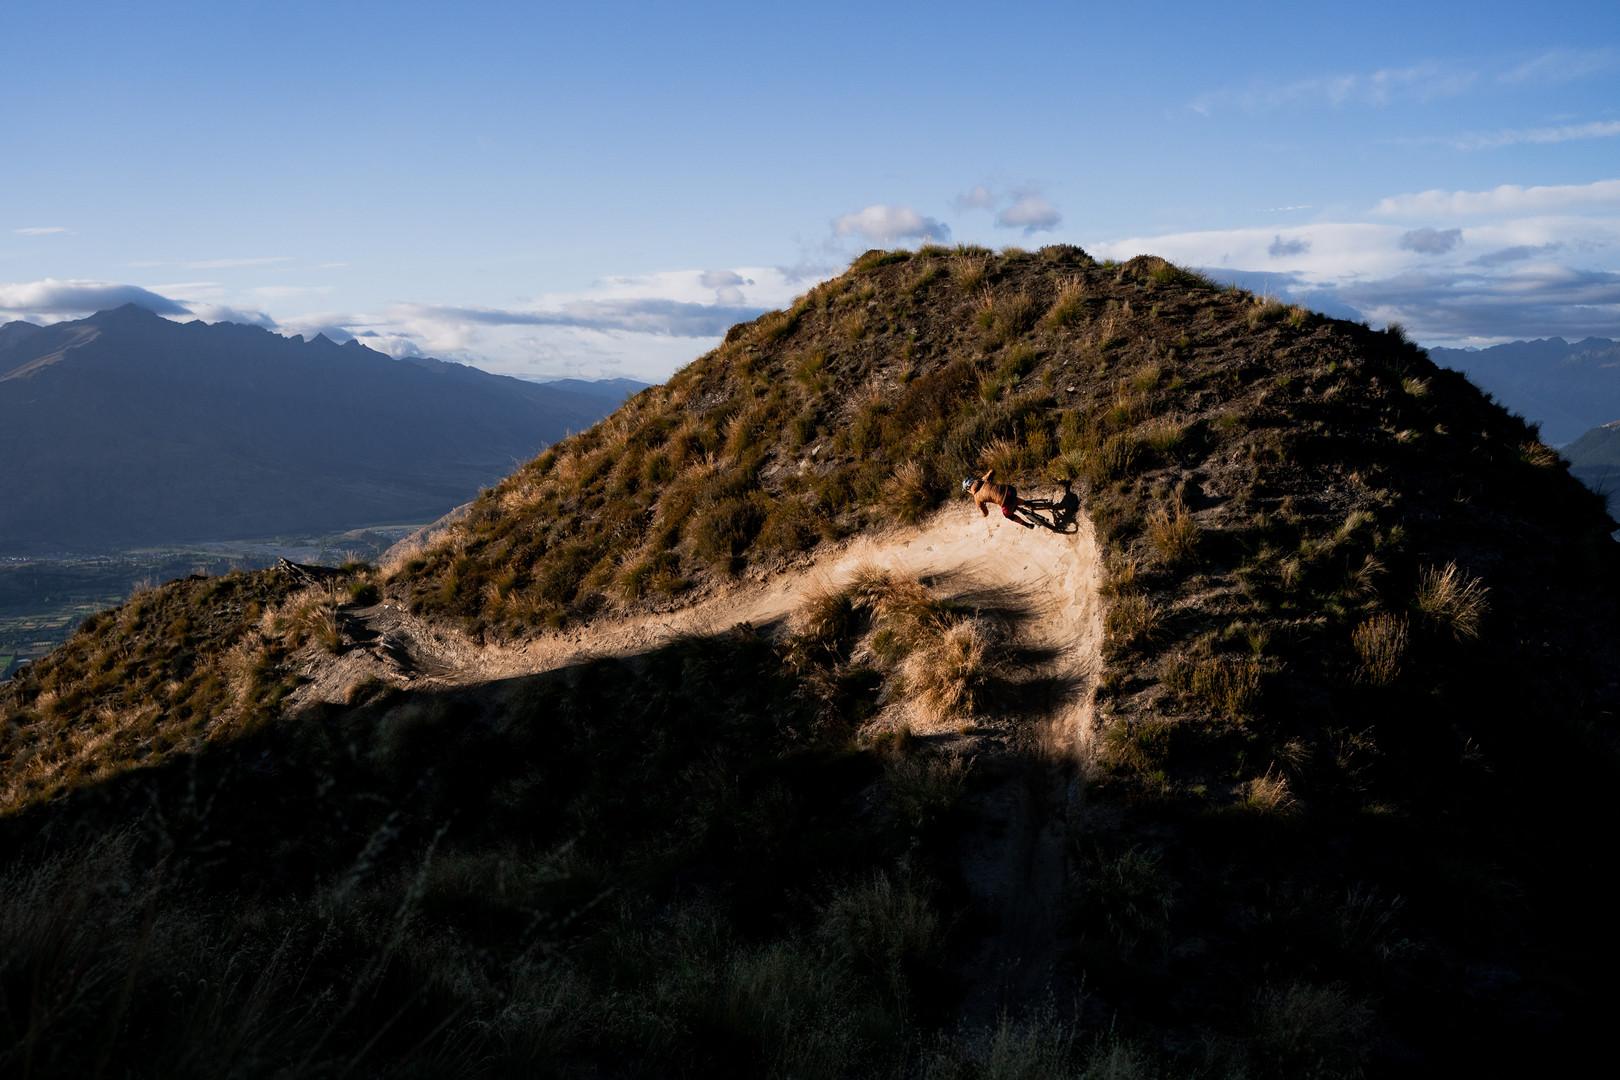 NZ Journal Micayla sml fnls rd1-45.jpg